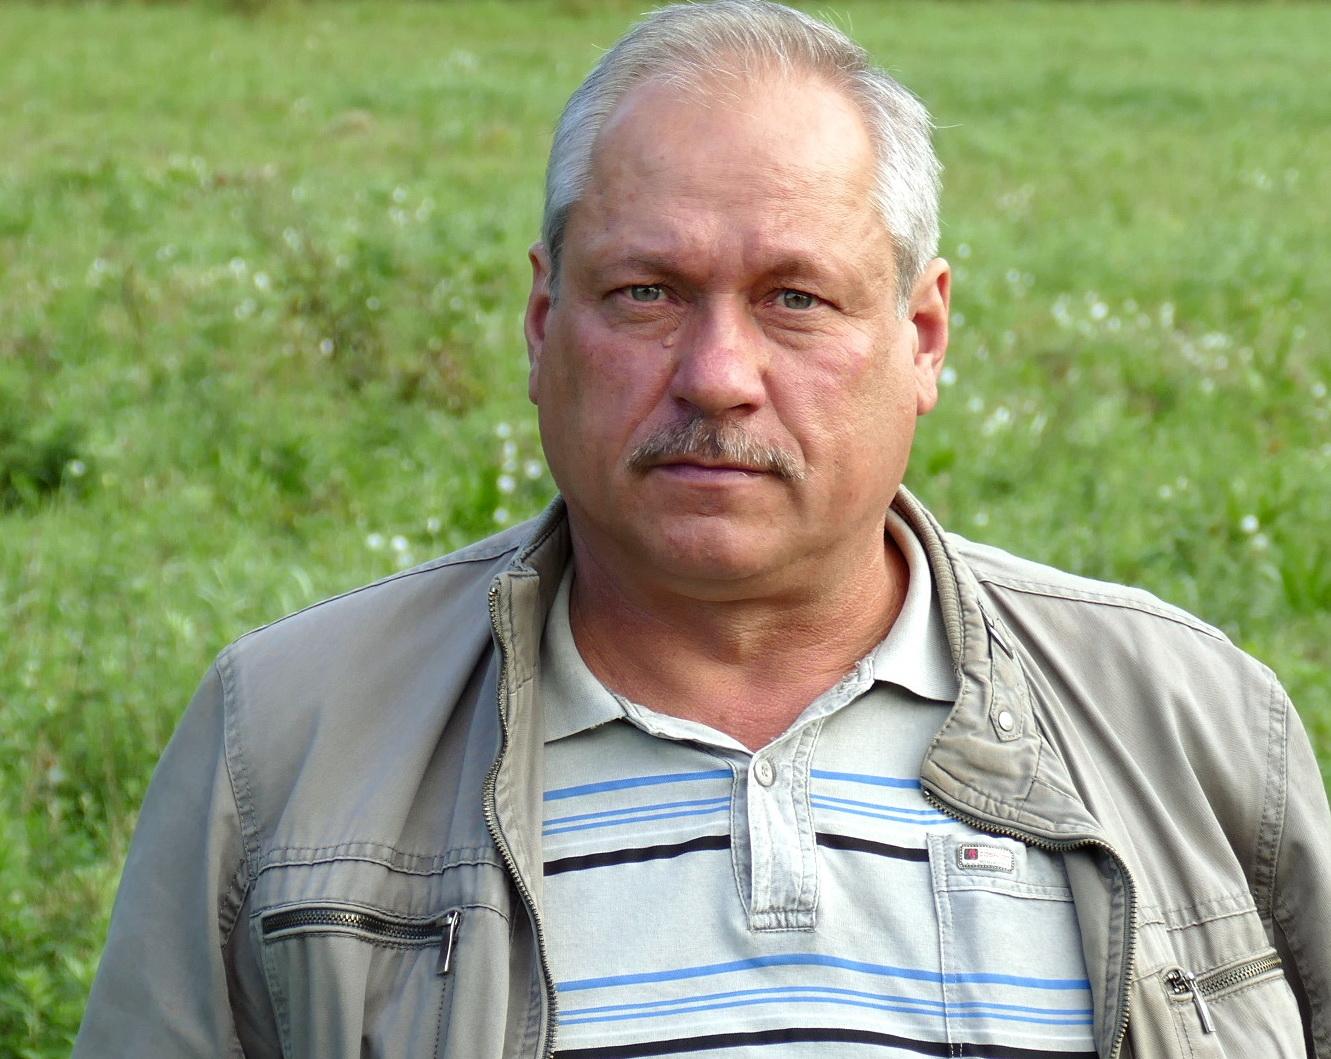 Ūkininkų pagalbos šauksmą valdžiai perdavė Ūkininkų sąjungos Šilutės skyriaus pirmininkas Kęstutis Andrijauskas, kuris pats ūkininkauja Gardamo seniūnijoje.